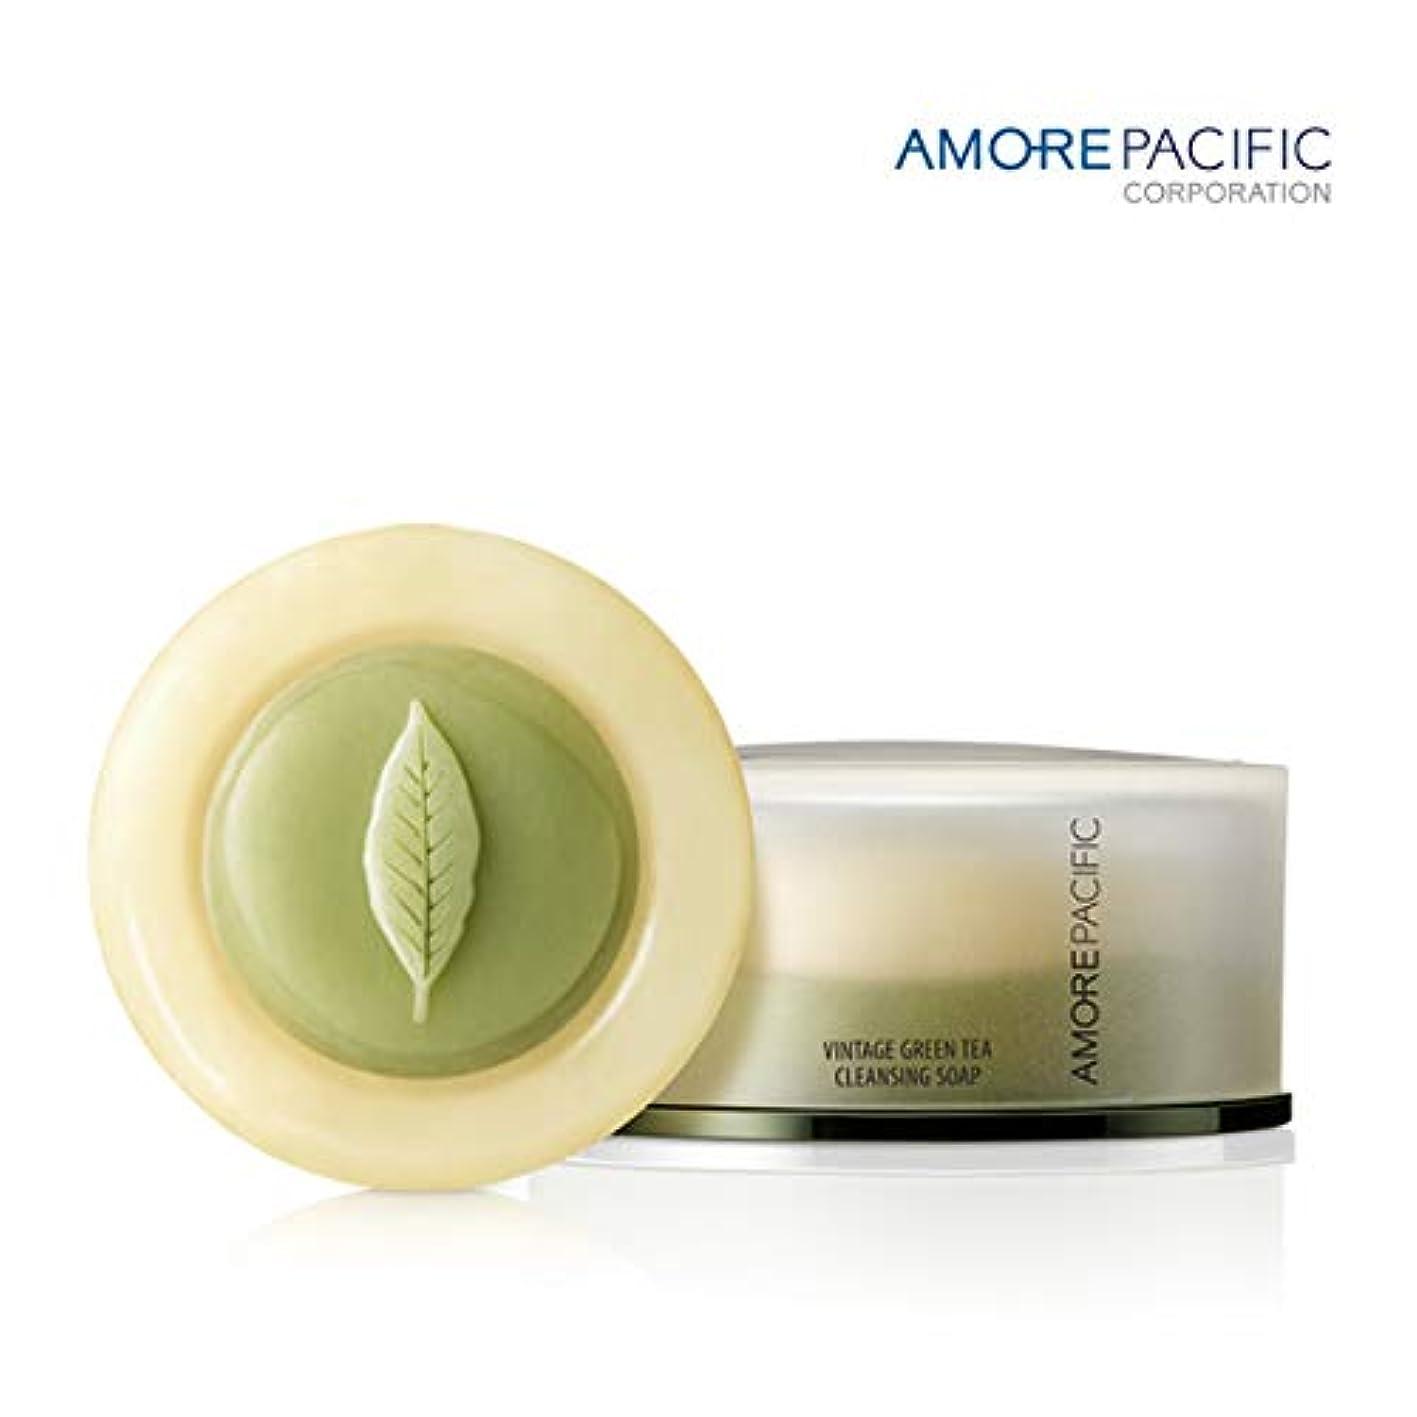 なんとなく過度につづりアモーレパシフィック(AMOREPACIFIC)トリートメント クレンジング ソープ (Treatment Cleansing Soap)140g